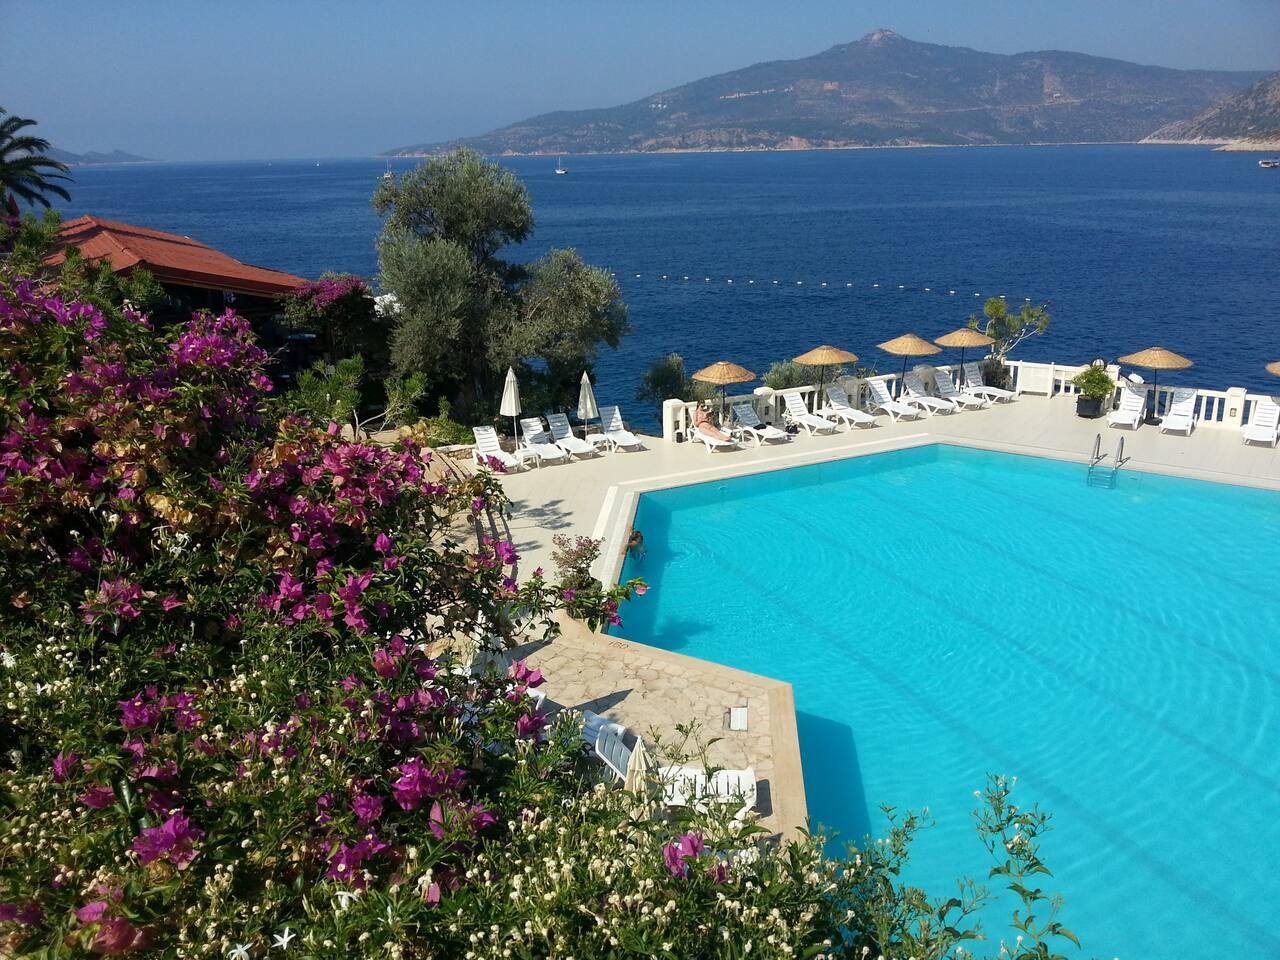 Main Resort Pool - 25m